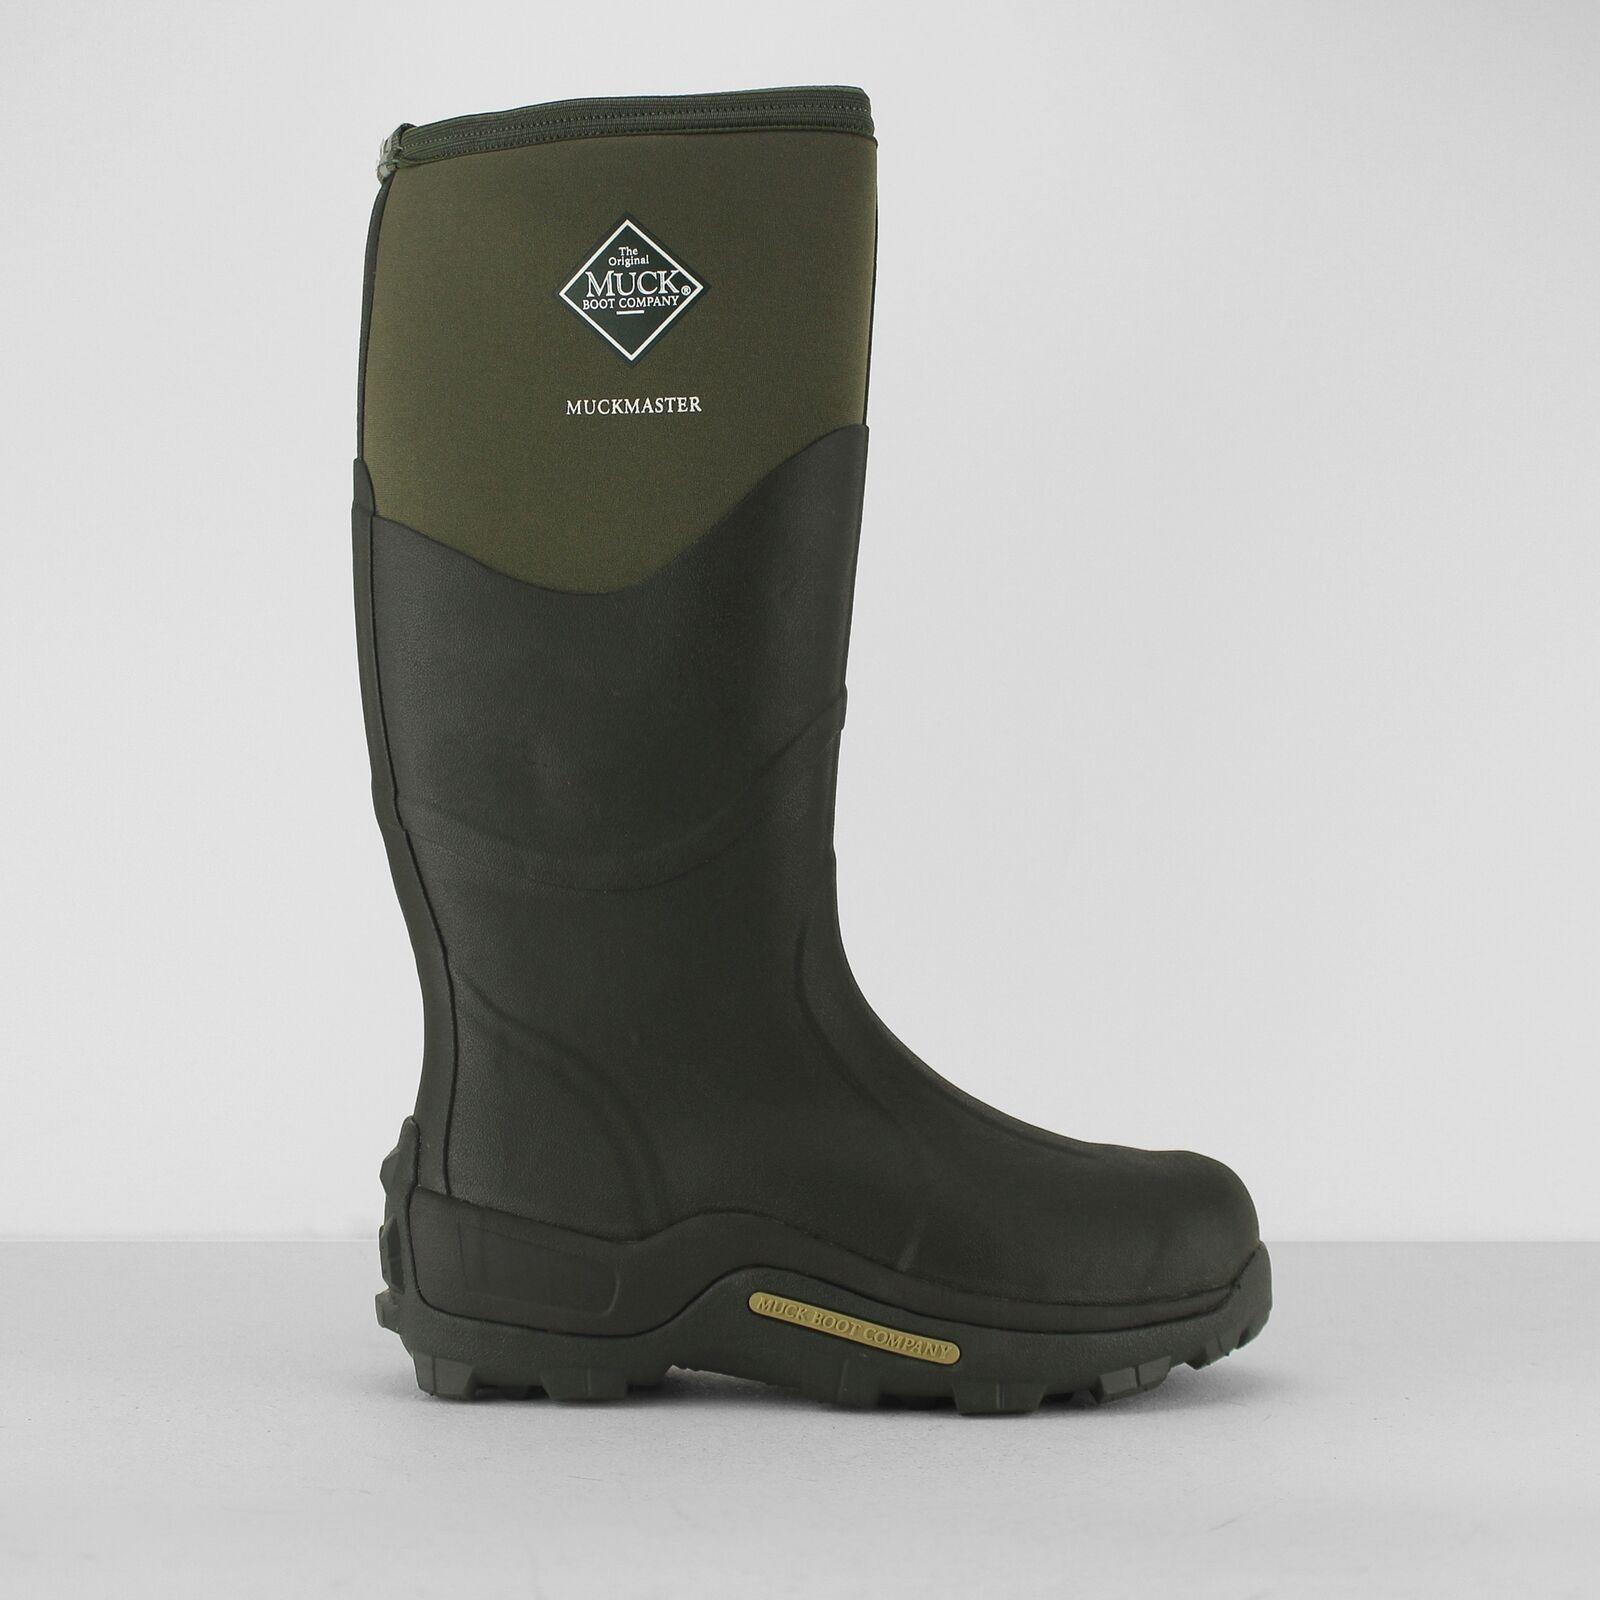 Muck Boots Muckmaster Wasserdicht Hallo Stiefel Herren Damen Wasserdicht Muckmaster Komfort Wellington dee316